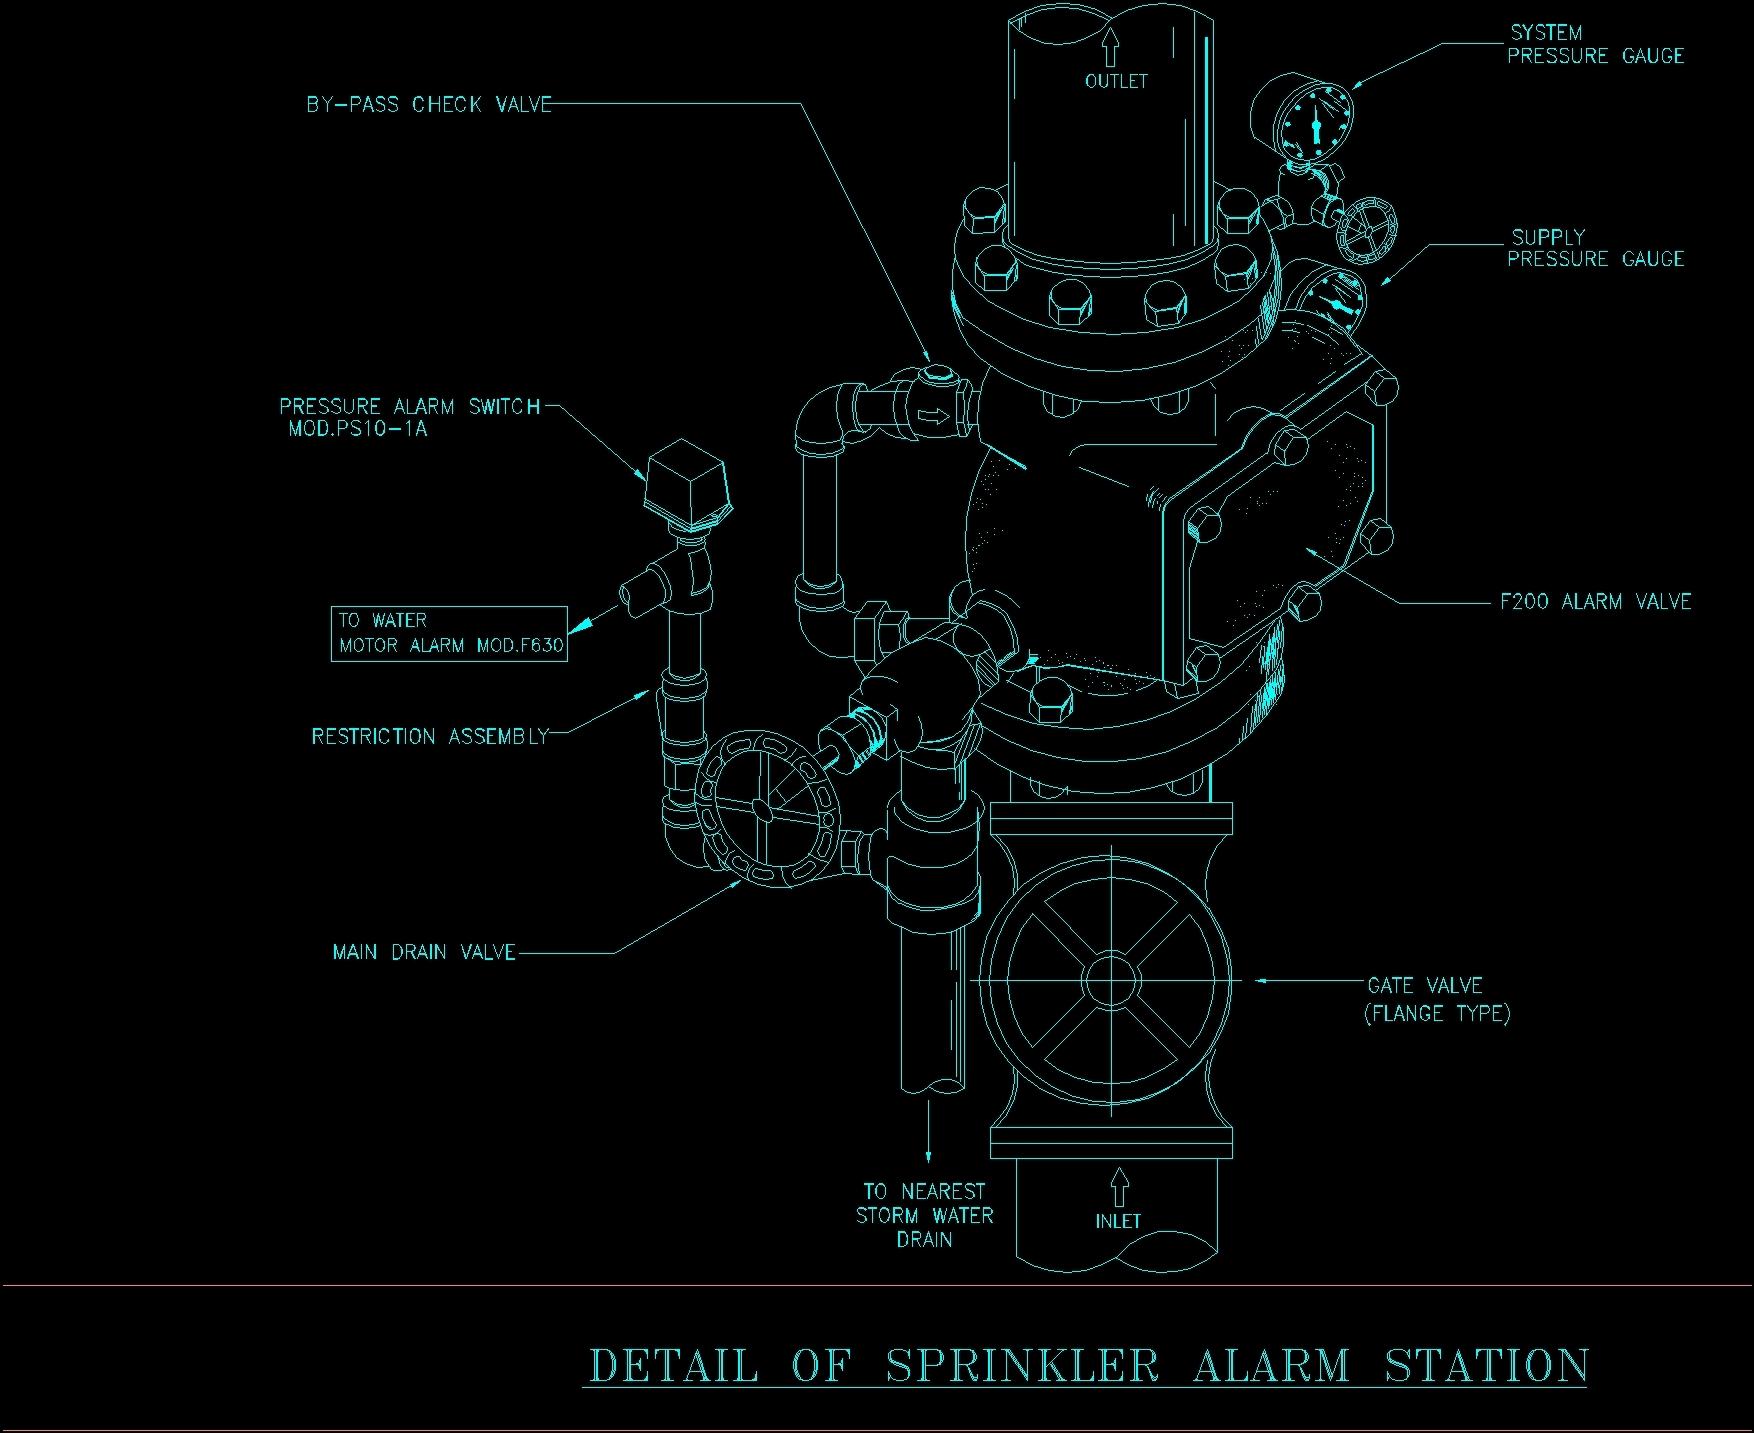 Sprinkler Alarm Station Dwg Detail For Autocad Designs Cad Gate Diagram Additional Screenshots